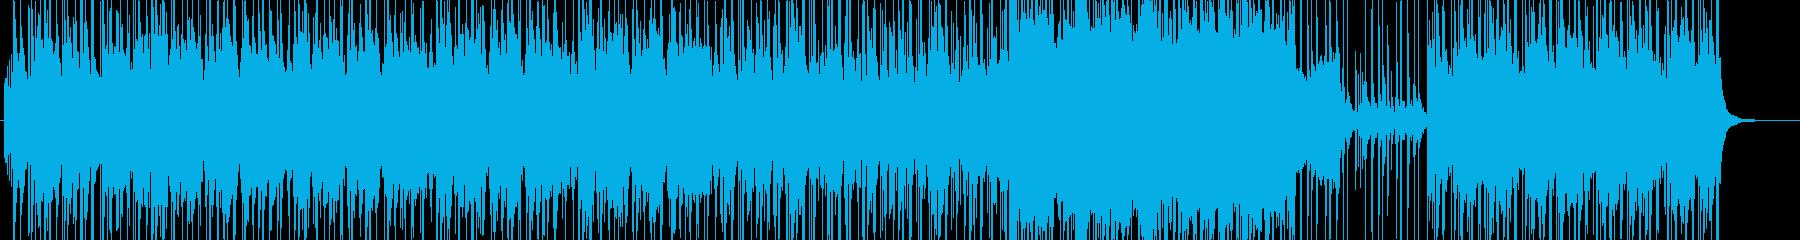 雑魚的とのエンカウントソングの再生済みの波形